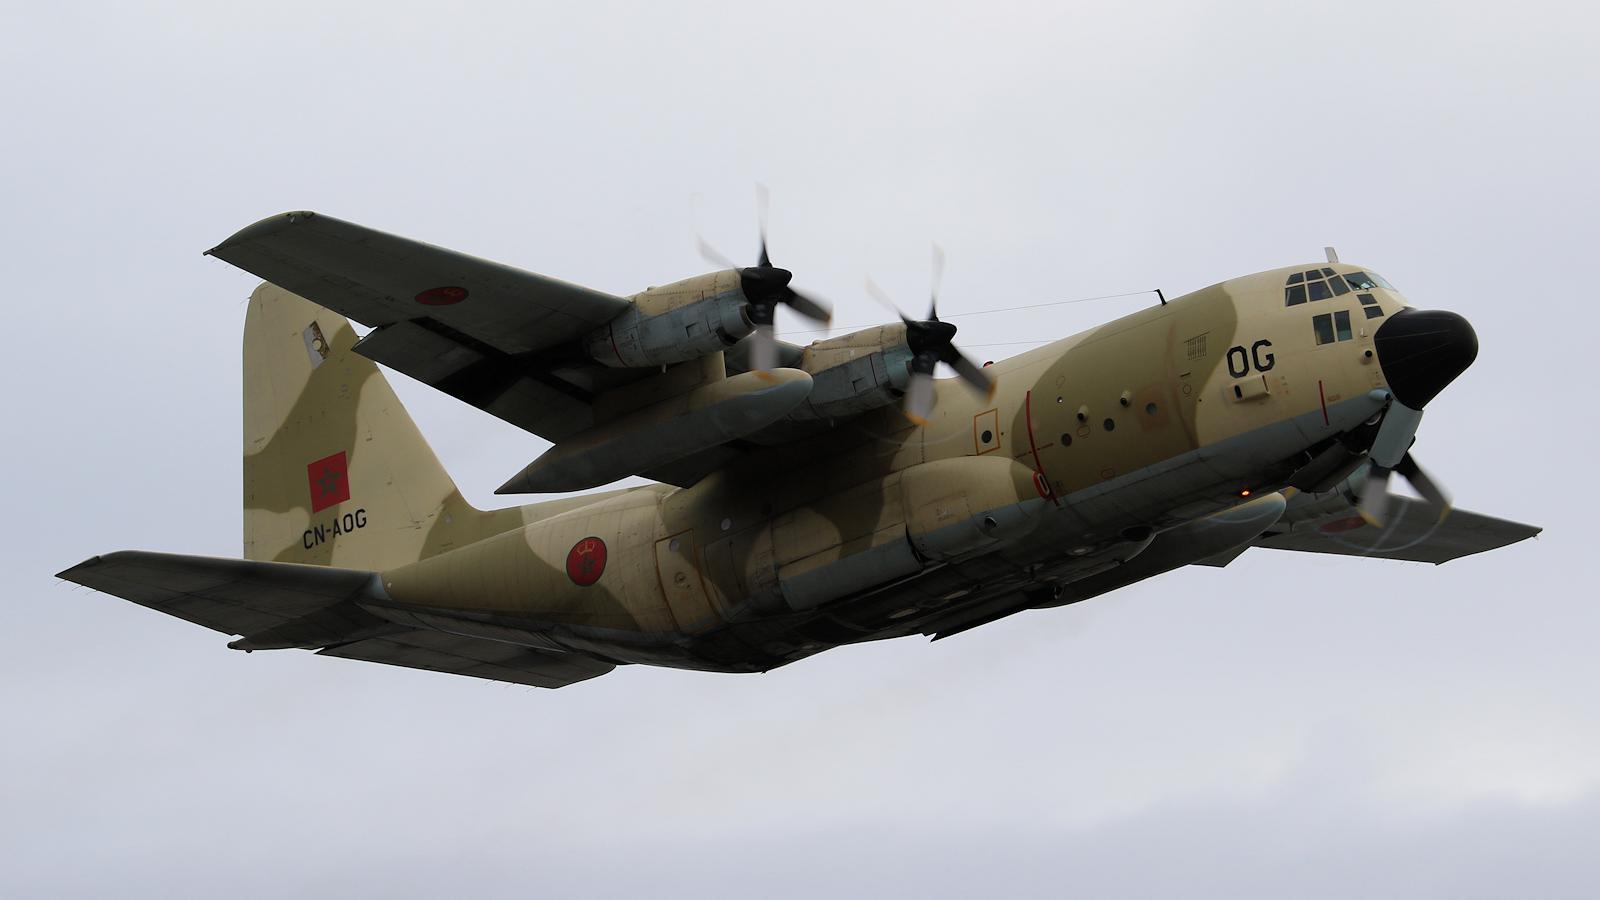 FRA: Photos d'avions de transport - Page 37 47305749342_41e4eea911_o